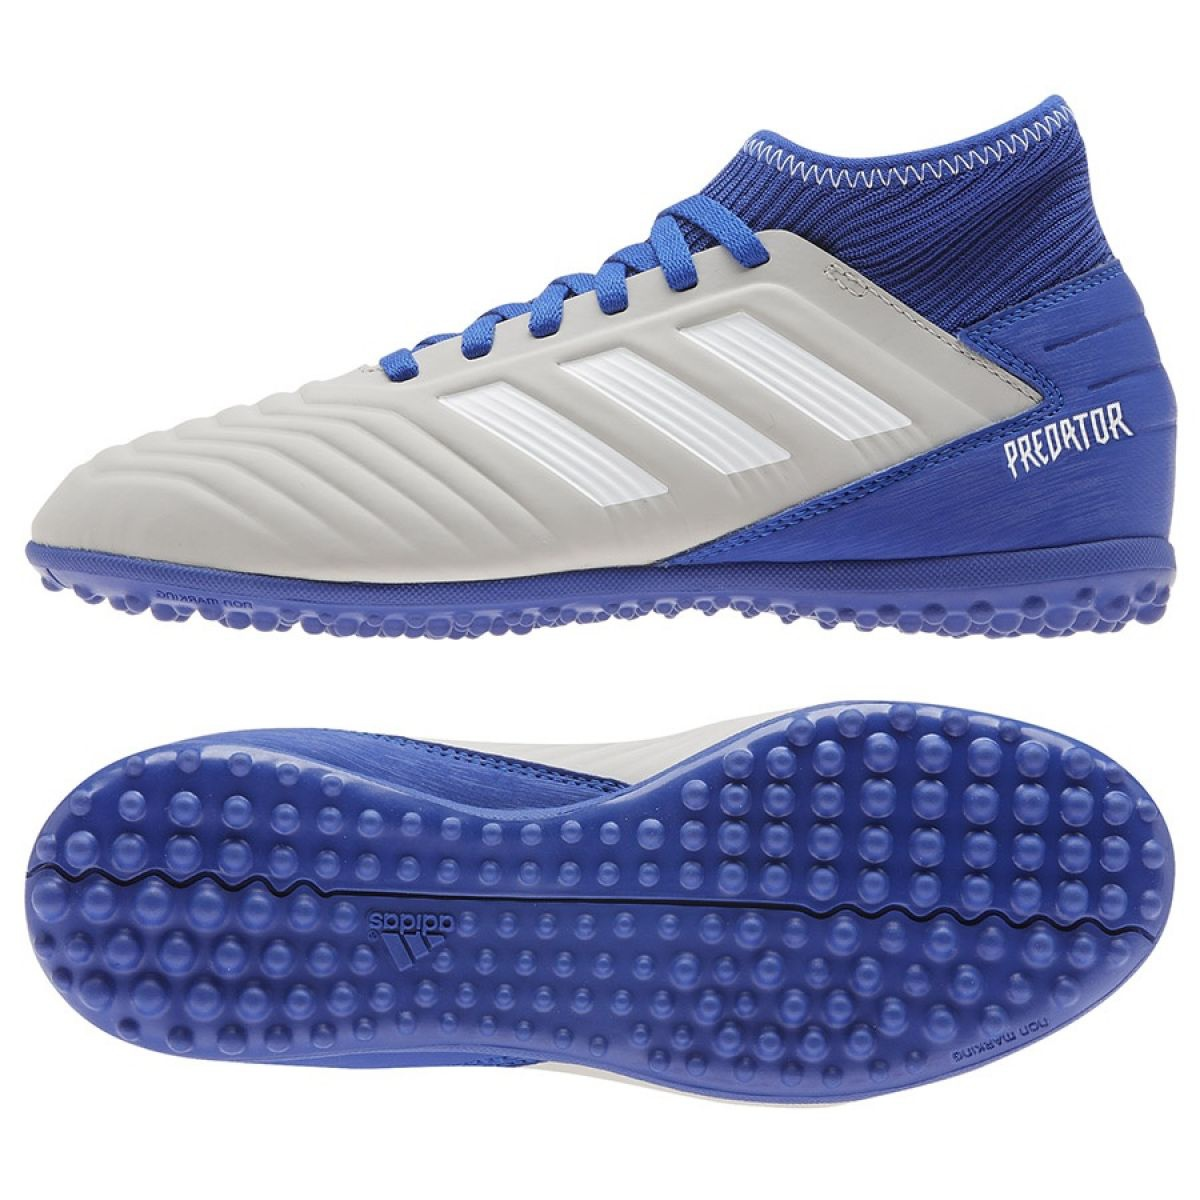 Chuteiras de futebol adidas Predator 19.3 Tf Jr CM8548 azul branco, azul